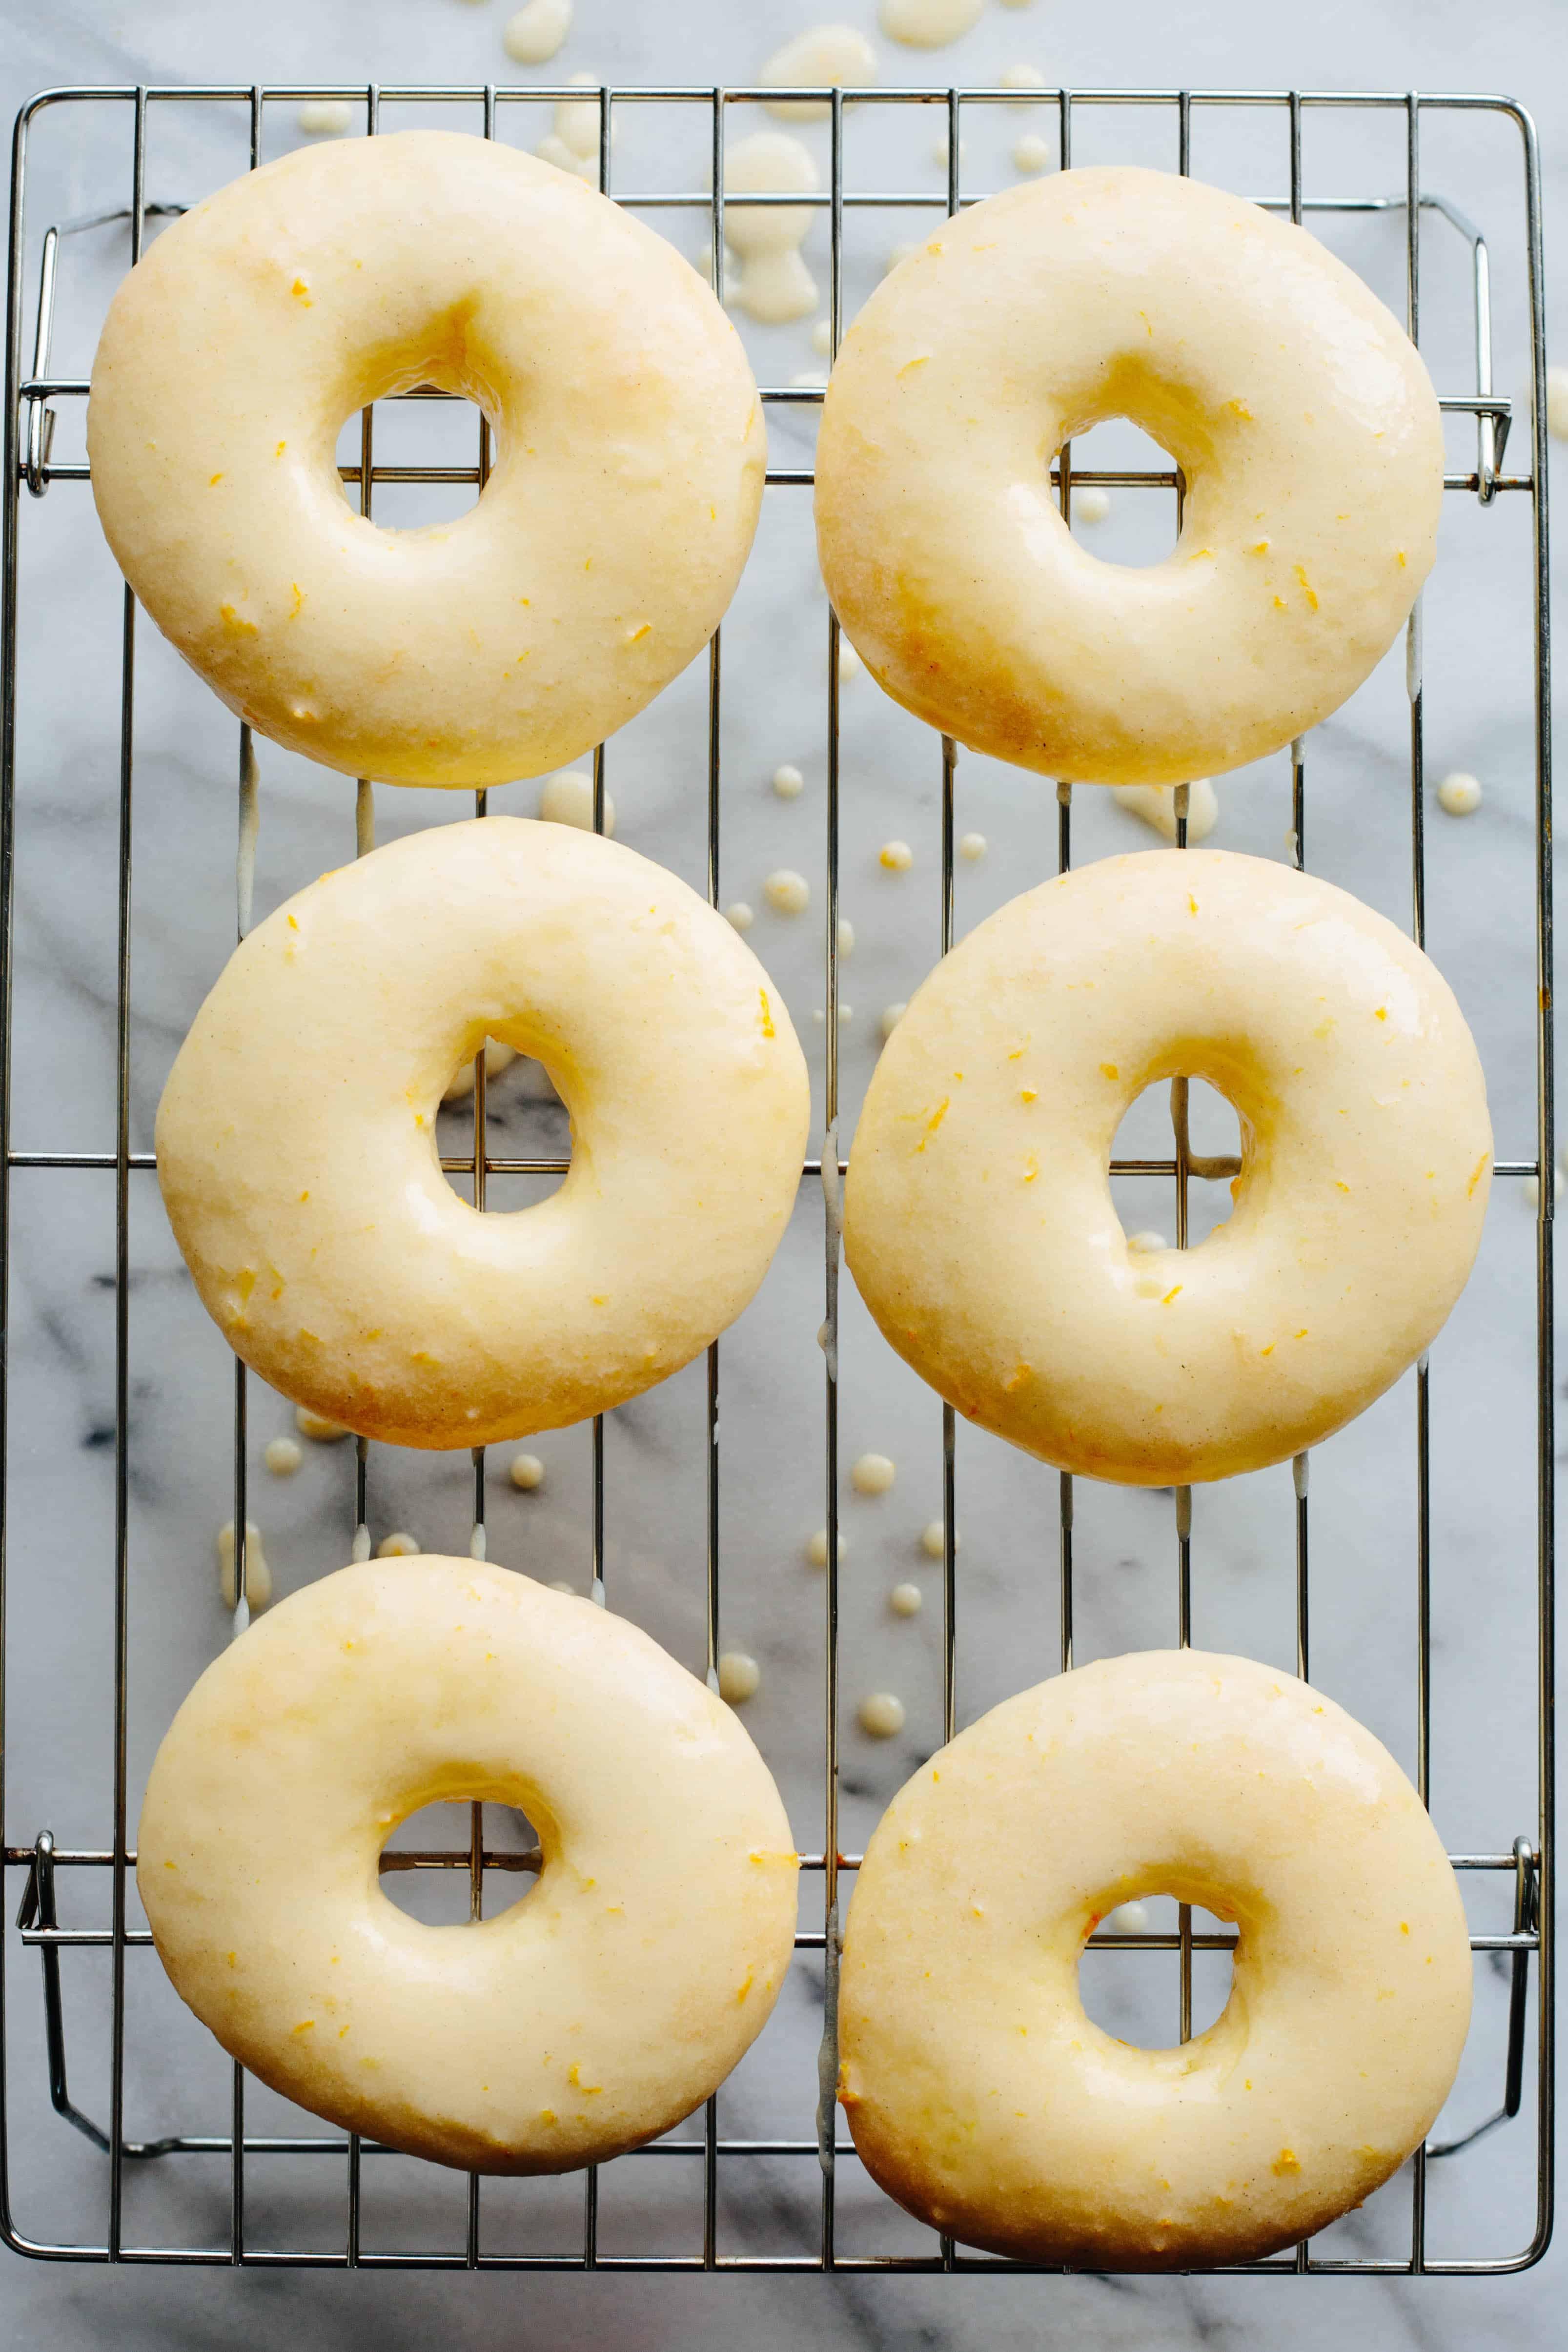 Meyer Lemon Baked Doughnuts: Yeast-Risen BAKED Doughnuts with a tangy Meyer Lemon Glaze   Coley Cooks!